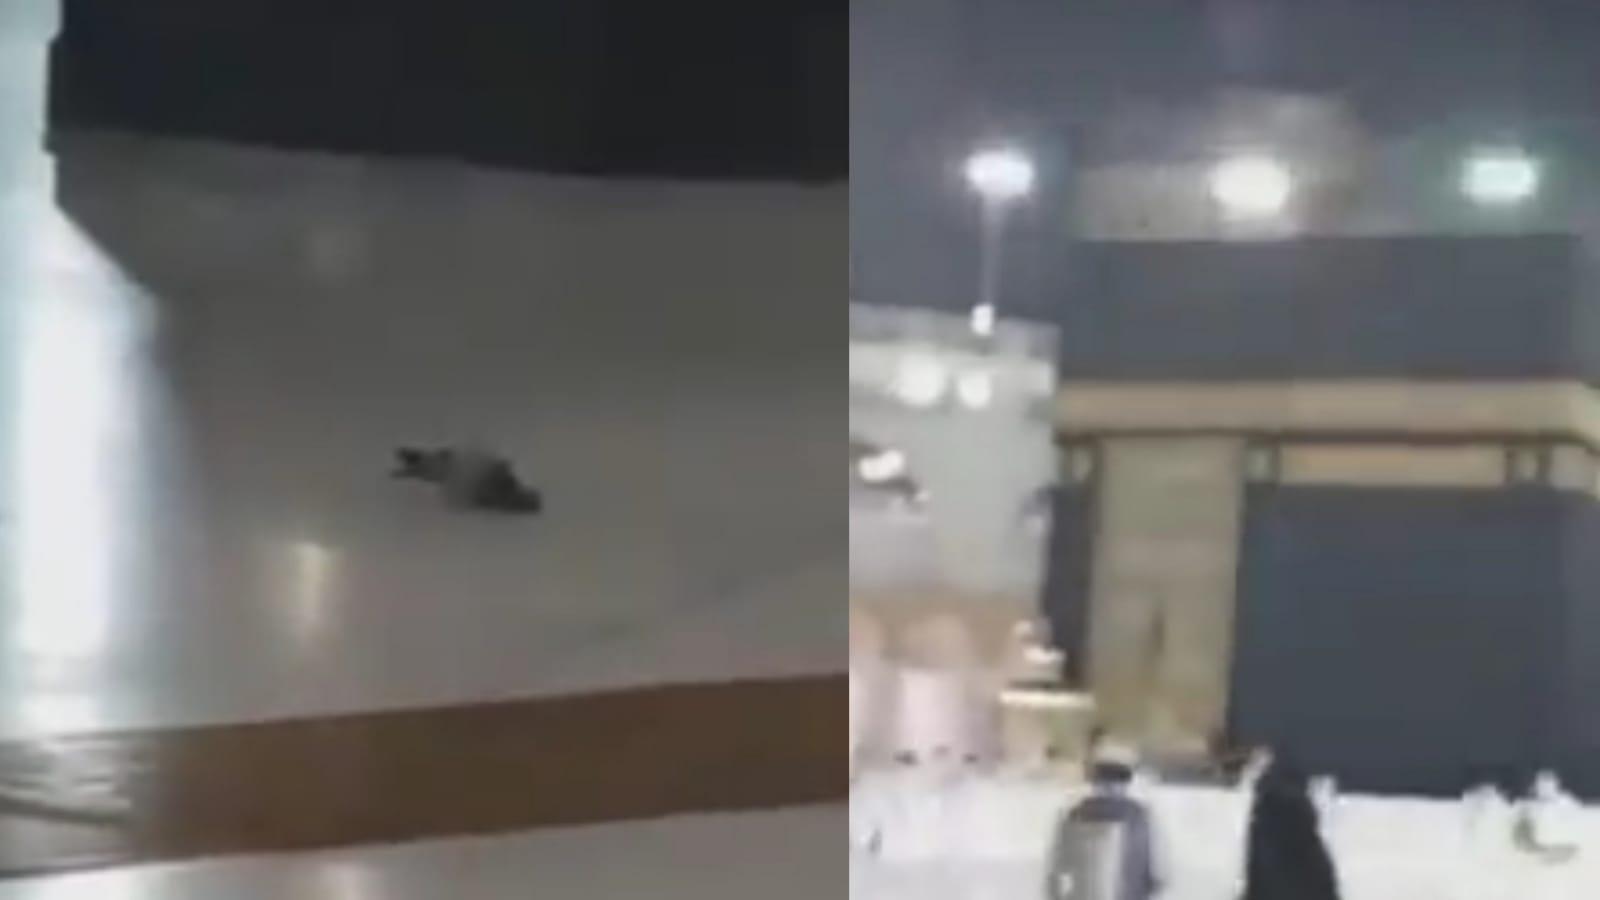 Kabe'nin avlusuna konan güvercinden şaşırtan secde hareketi (Video Haber)